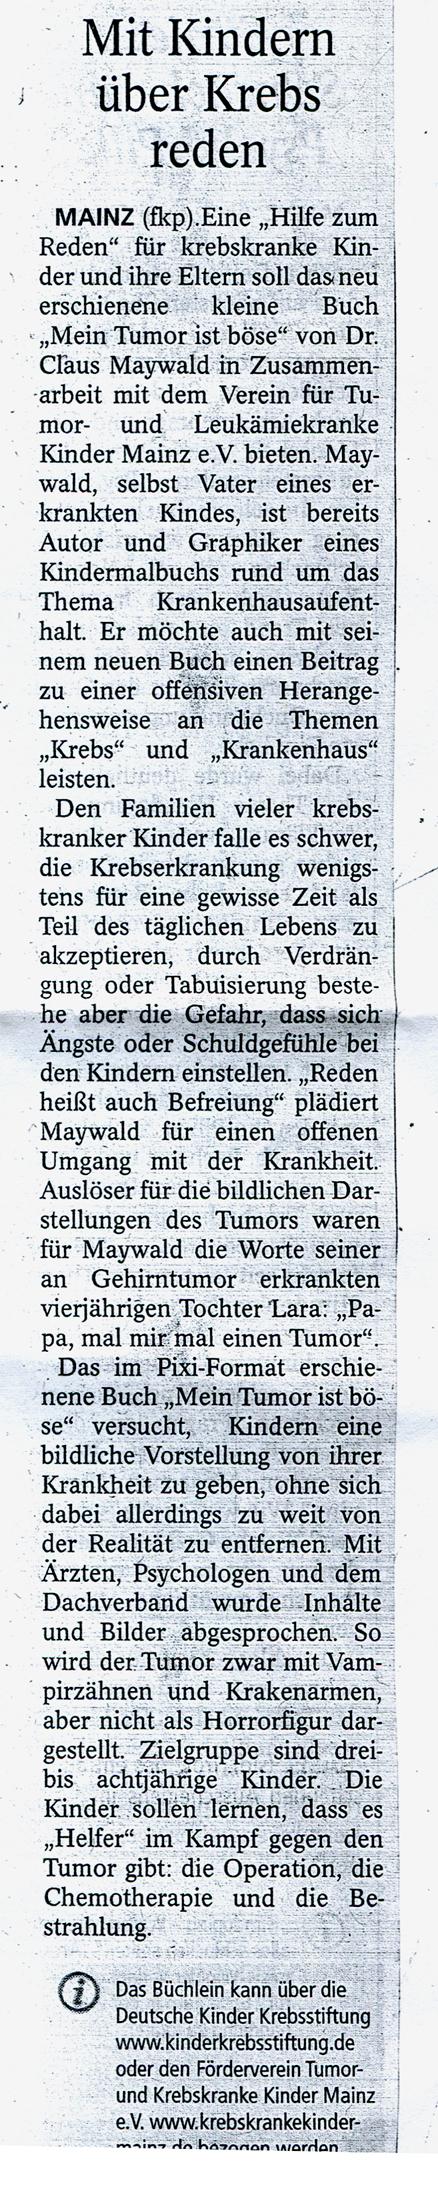 Claus Maywald Mein Tumor ist böse Allgemeine Zeitung Mainz